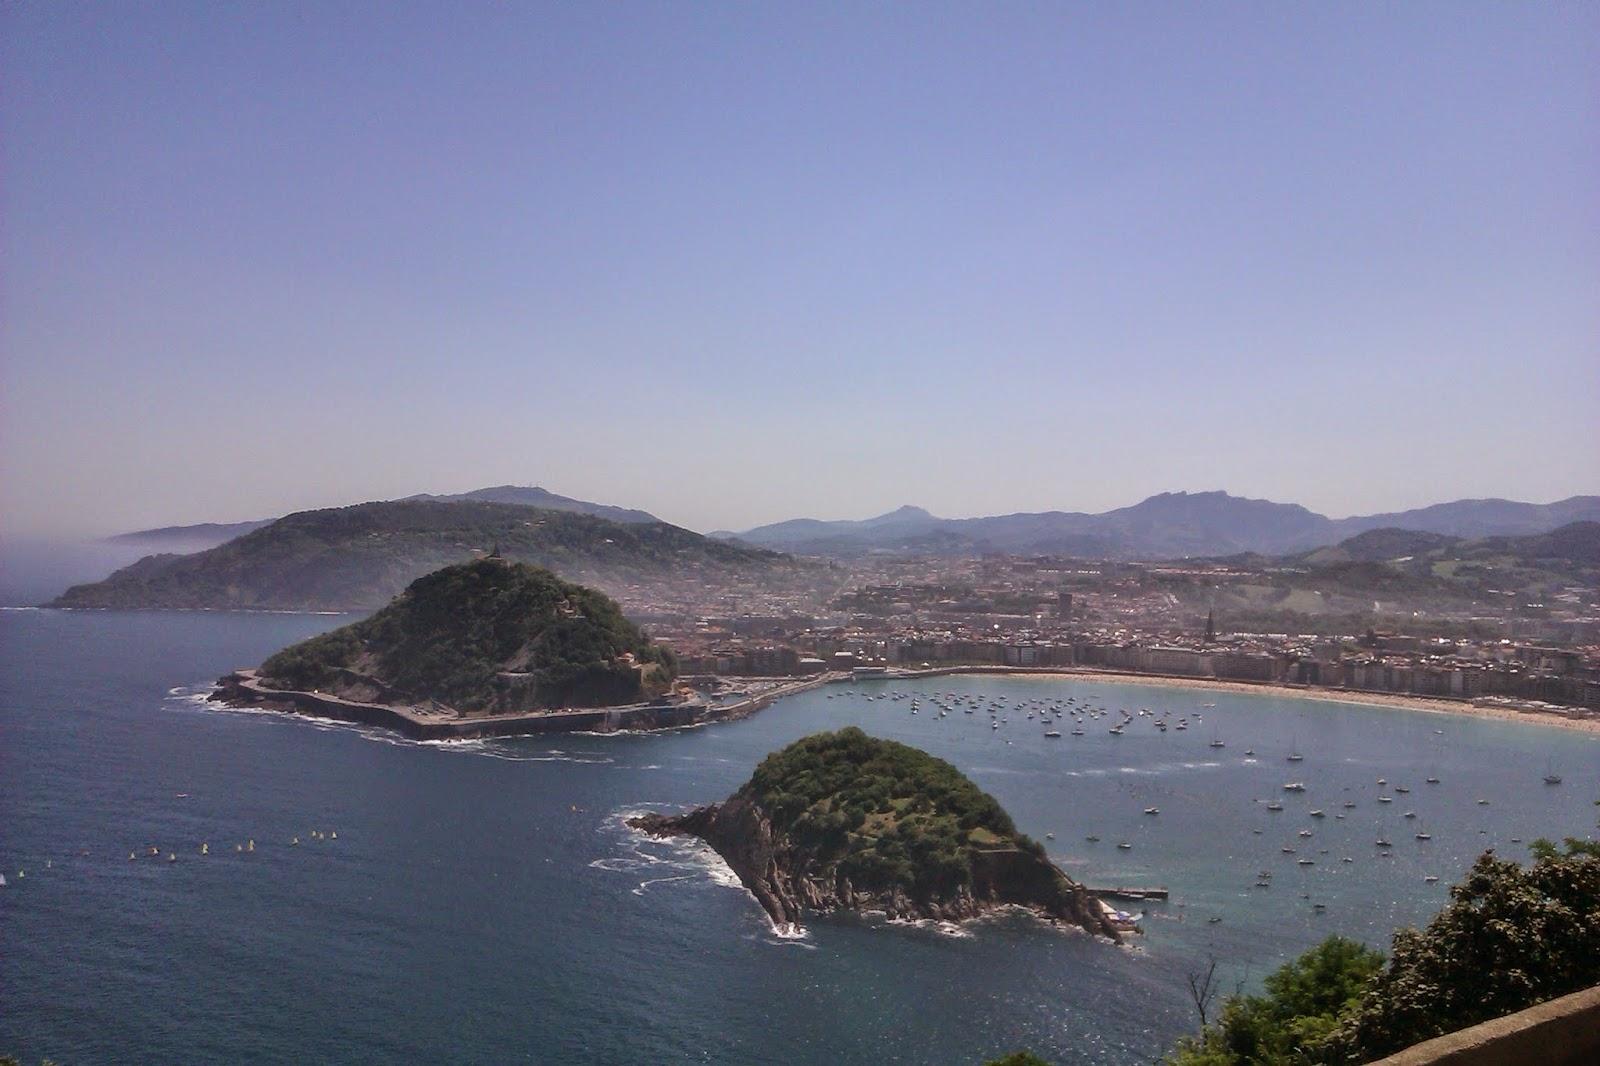 La Concha desde el Monte Igueldo